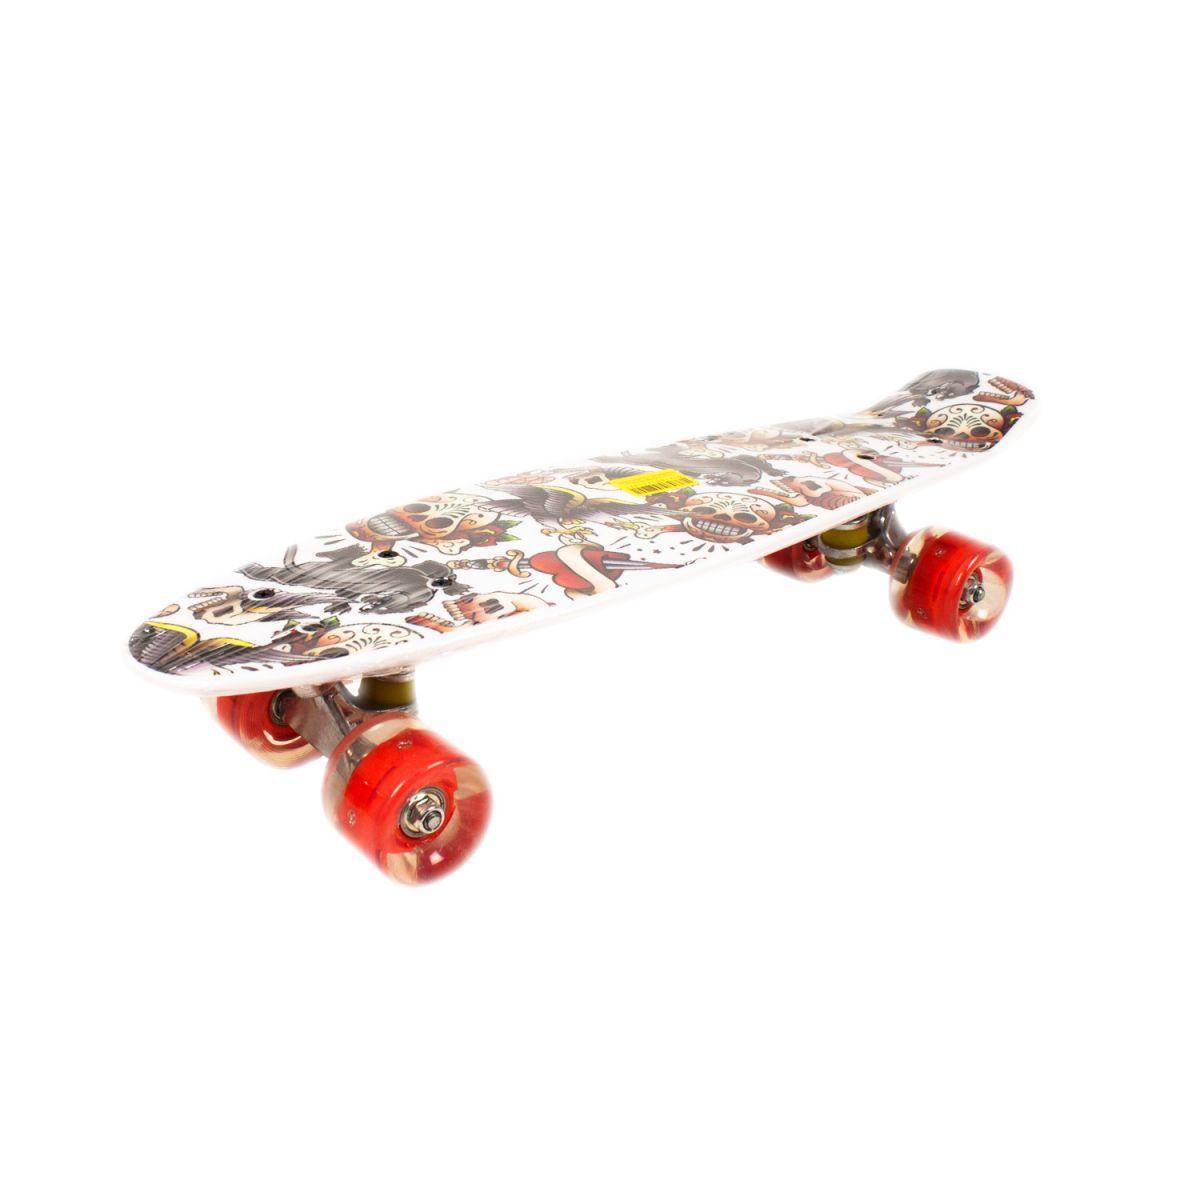 Скейт Penny Board PU колеса с подсветкой пенни борд белый